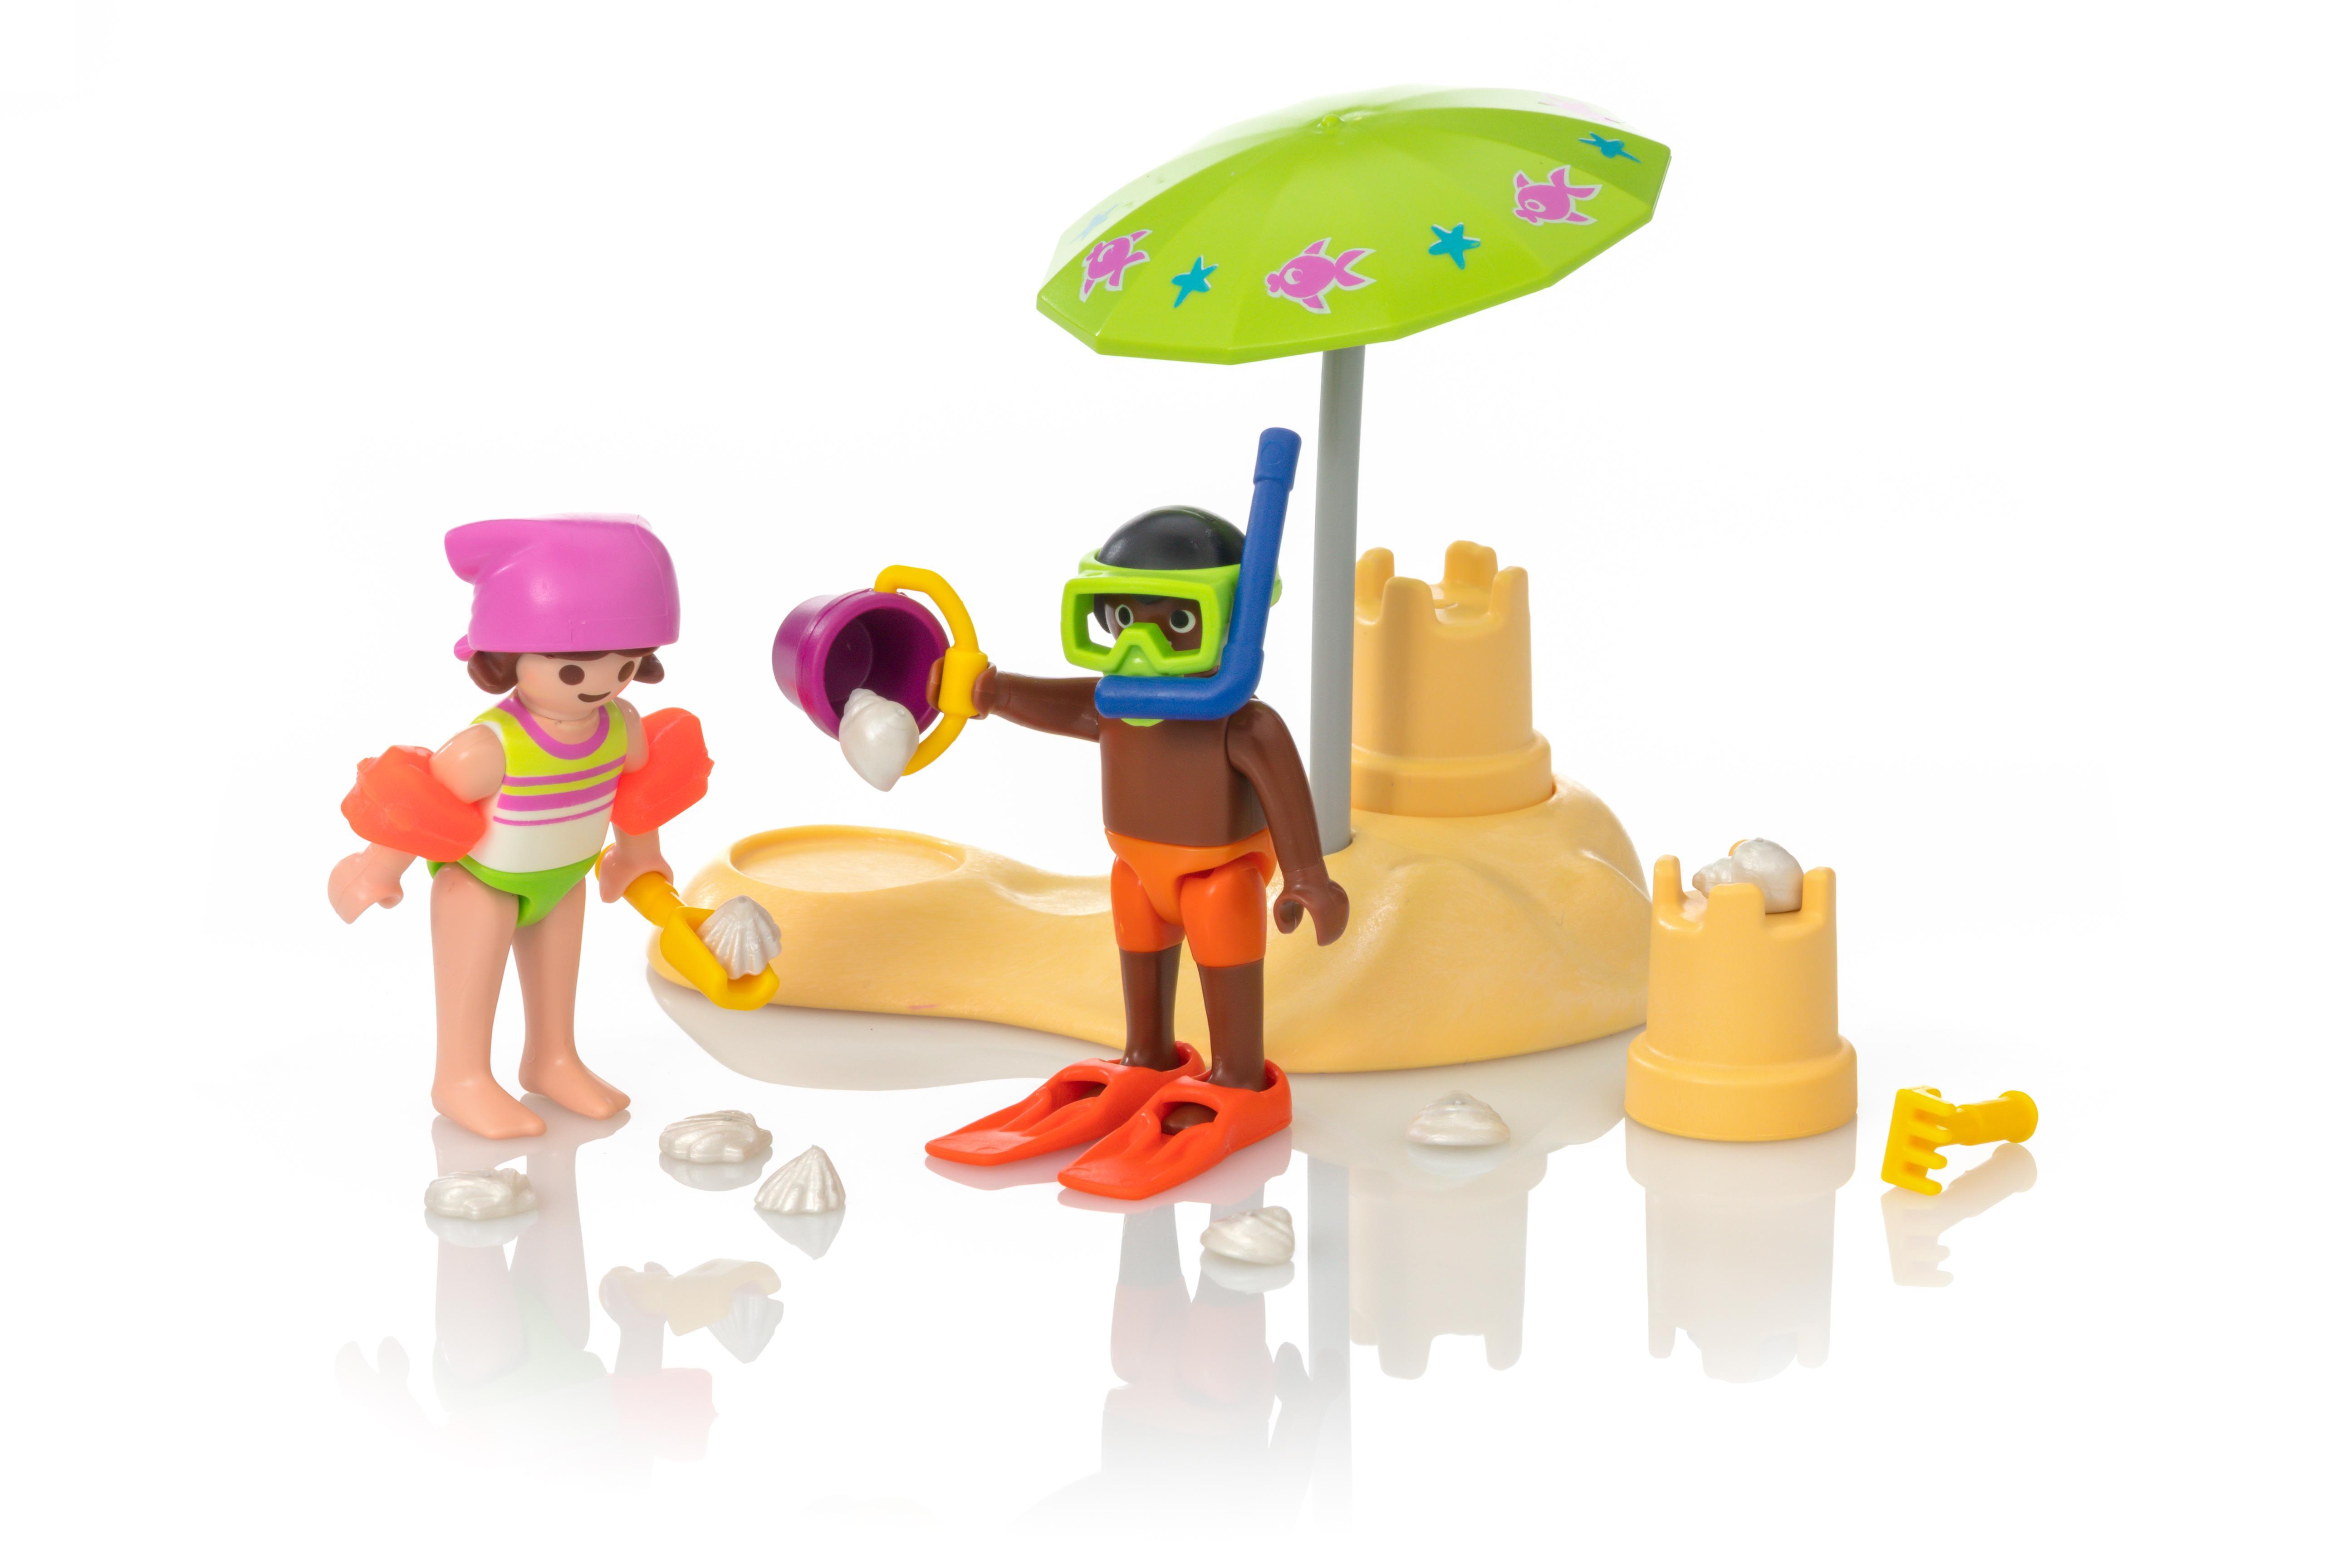 Sandburg malen  Kids mit Sandburg - 9085 - PLAYMOBIL® Deutschland